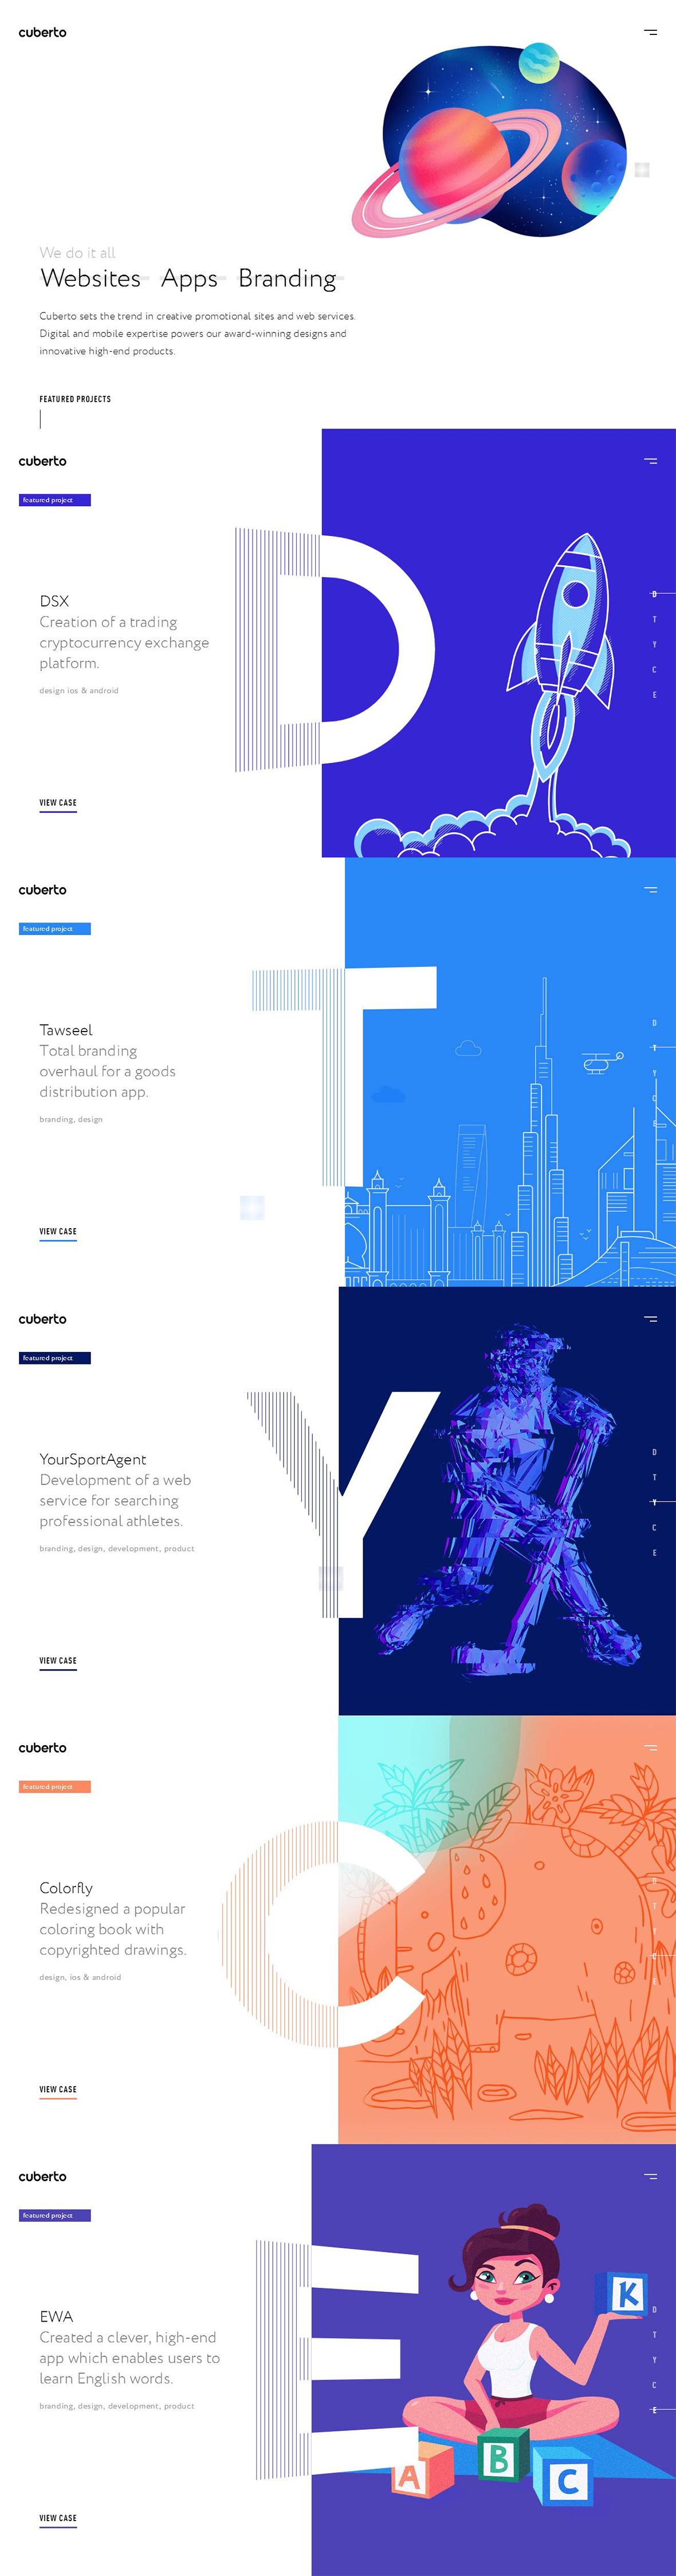 cuberto-创意,网页设计,创意设计,创意网站,字体设计,设计网站,设计作品,网站欣赏,优,ui设计,设计,设计师,平面设计,电商设计,动漫设计,网站设计